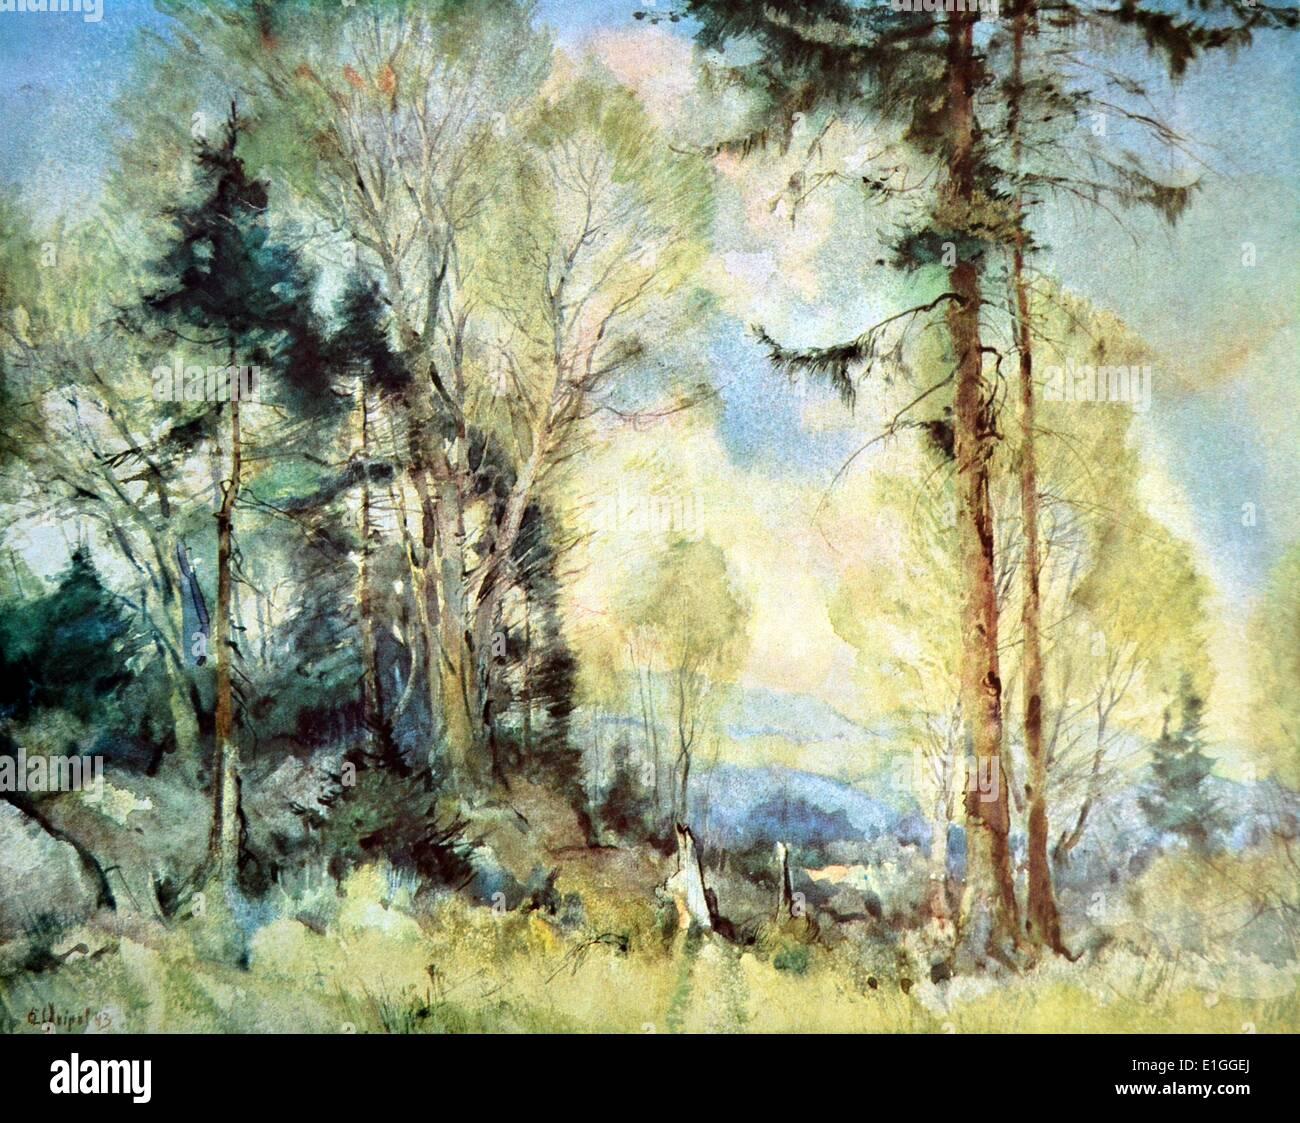 Waldstuck (Forest),  by Kurt Geipel, published in 'Die Kunst im deutschen Reich' (Art in the German Reich) was firstStock Photo